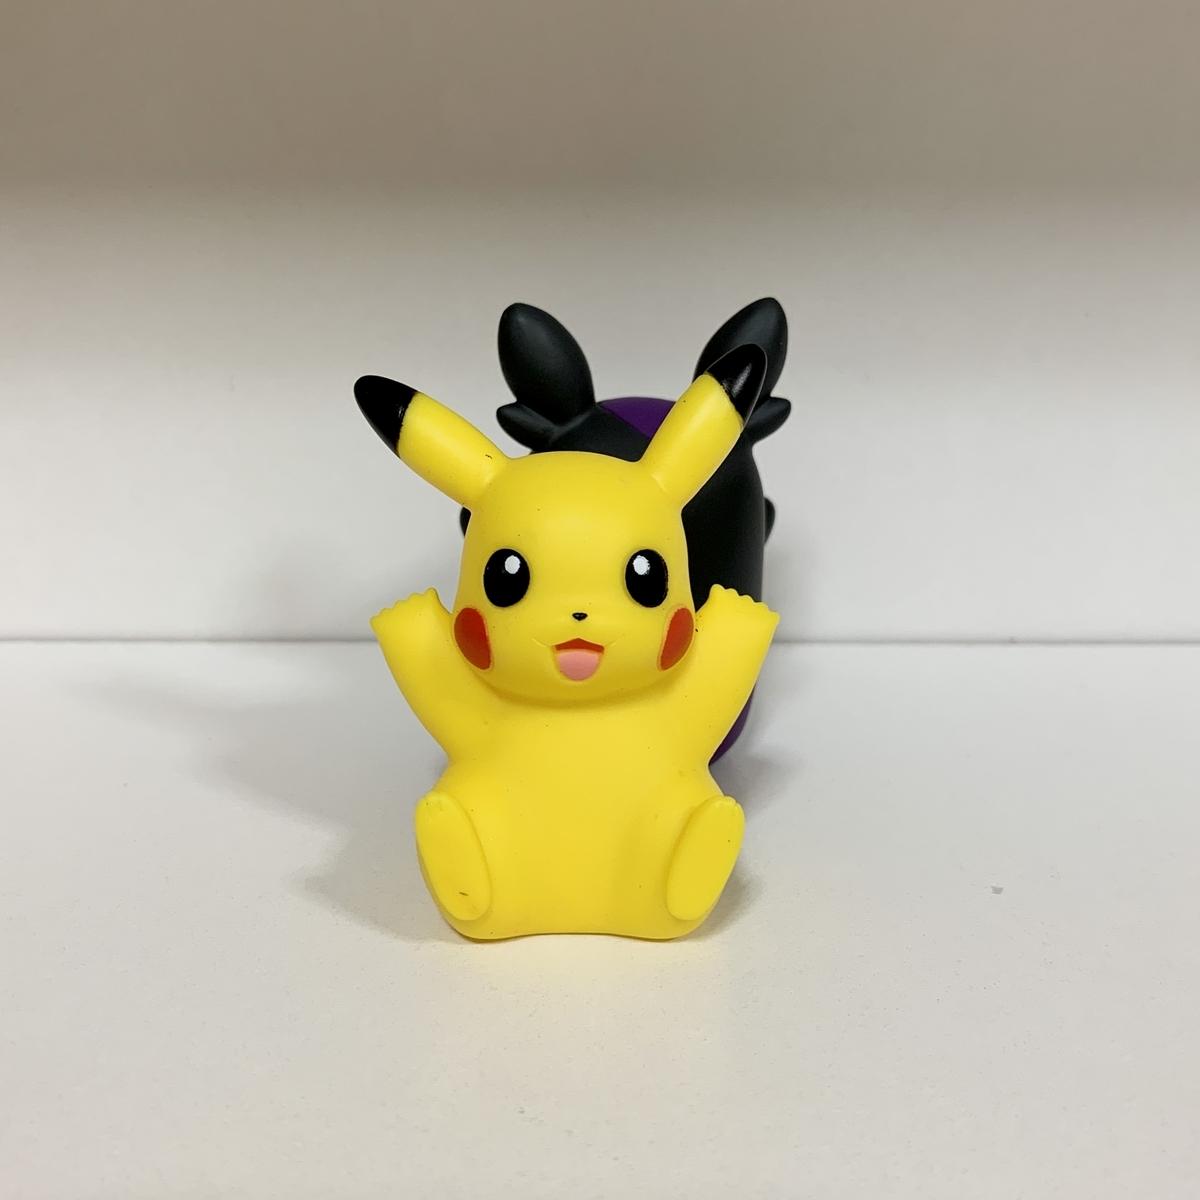 f:id:pikachu_pcn:20201026191502j:plain